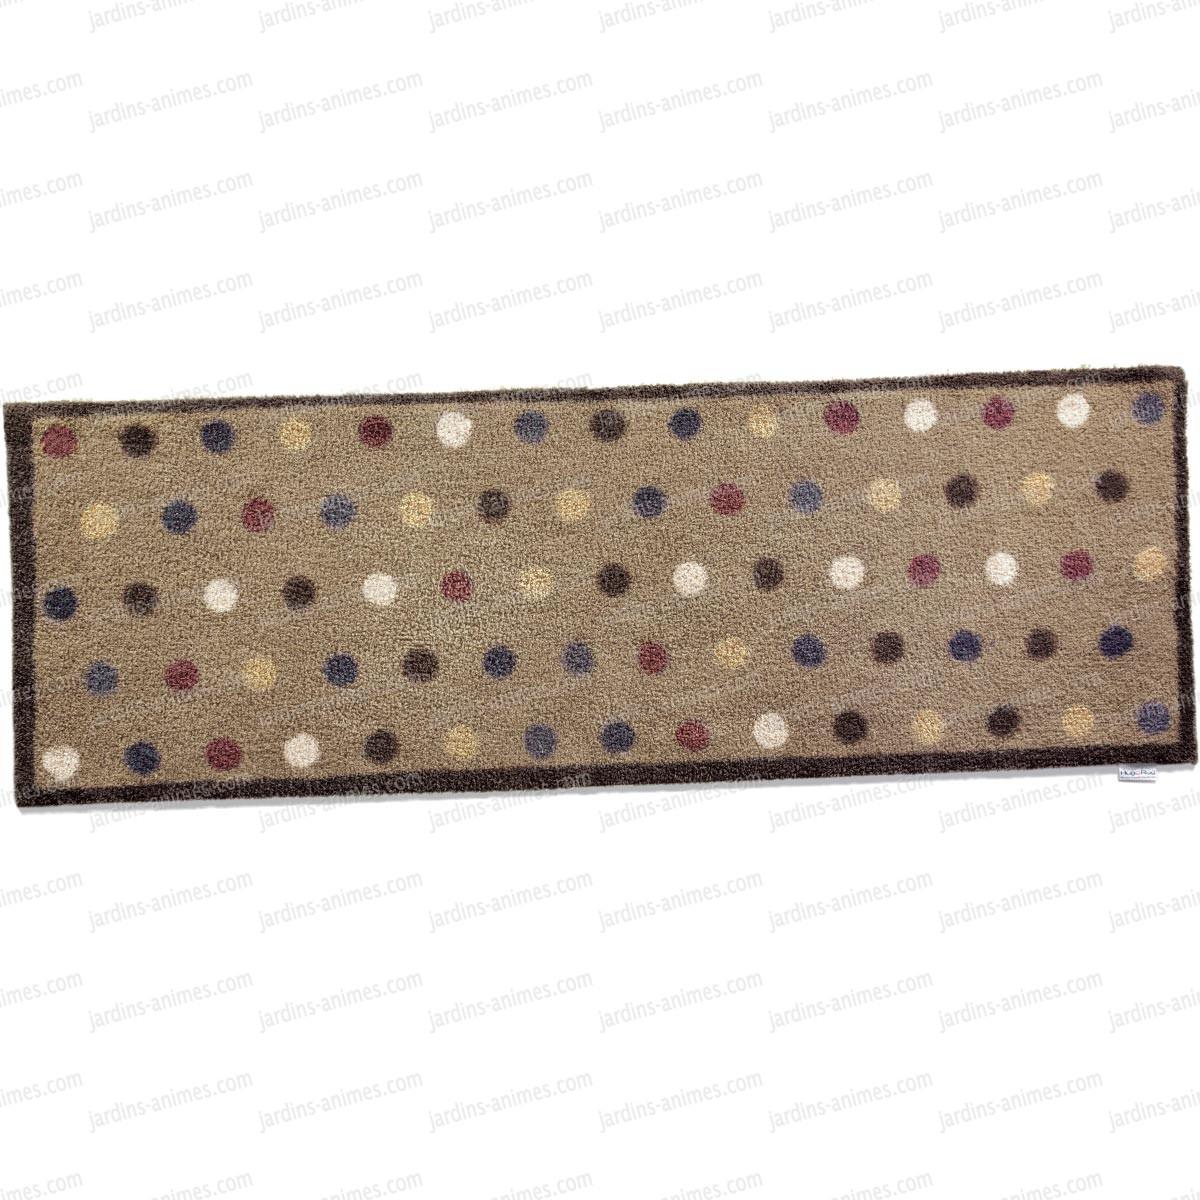 modu00e8le en longueur : Dim. 65x150cm - tapis avec ronds de couleur, sur ...